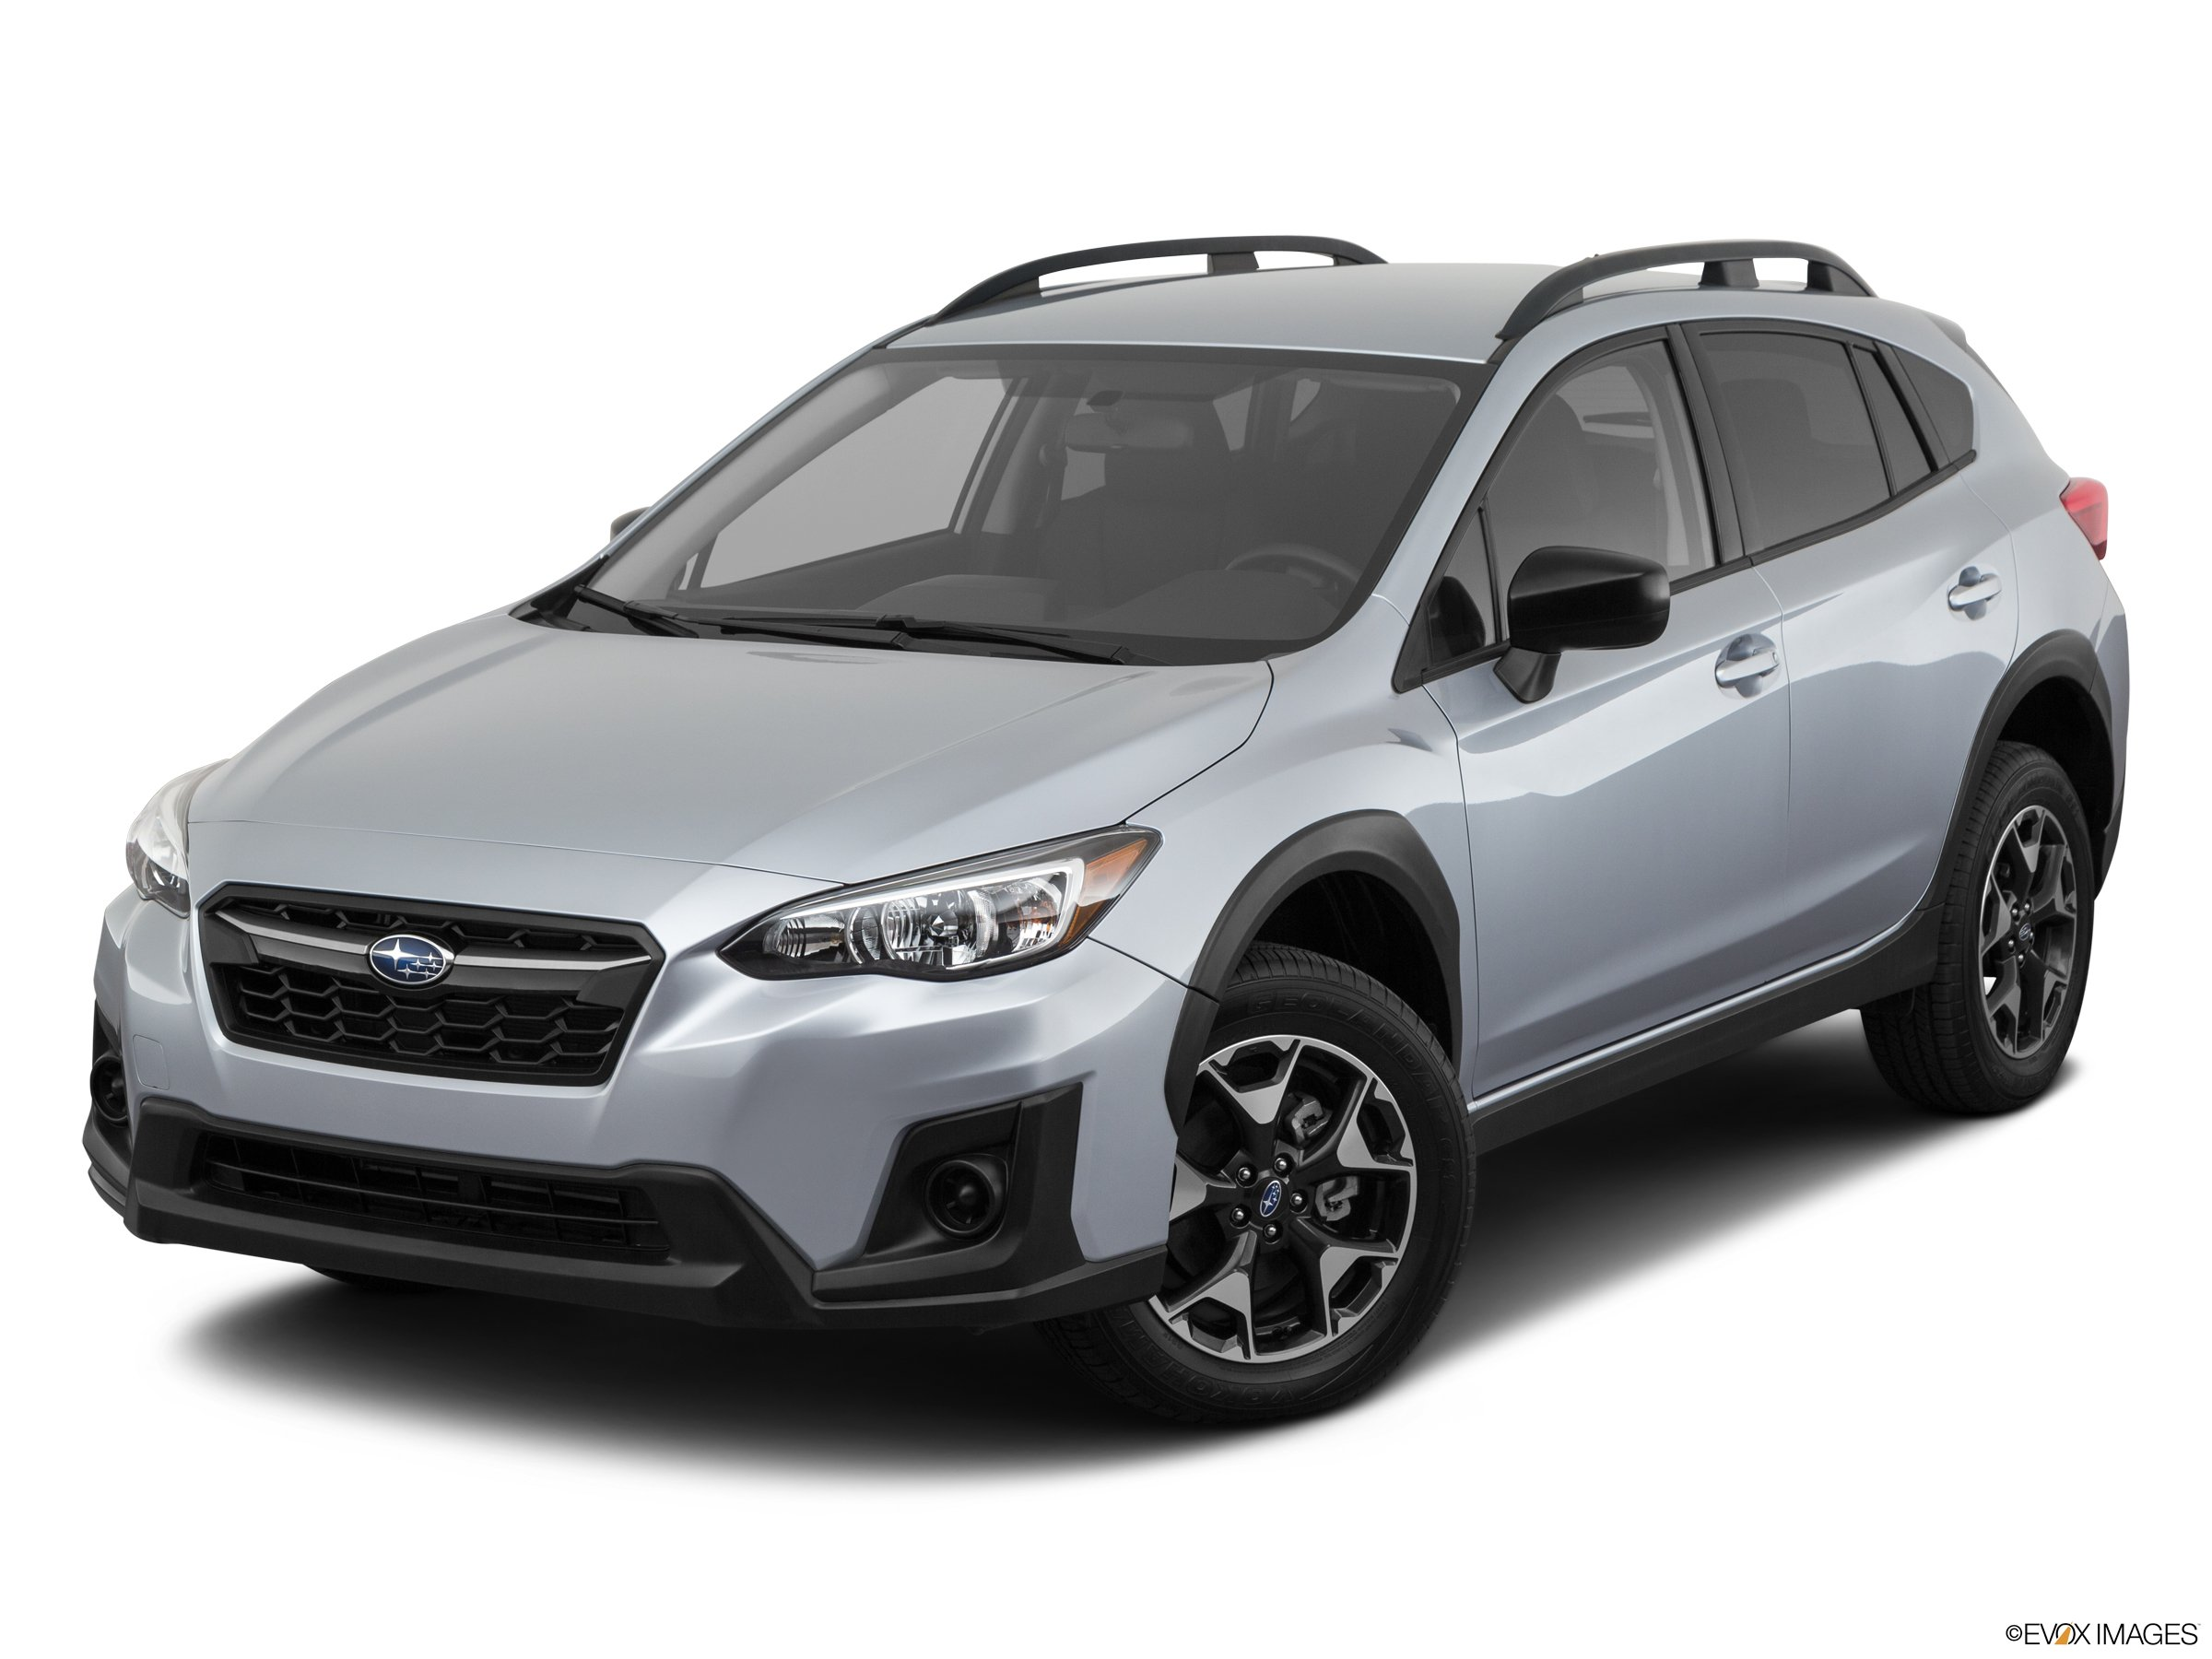 2020 Subaru Crosstrek 2.0i AWD CUV